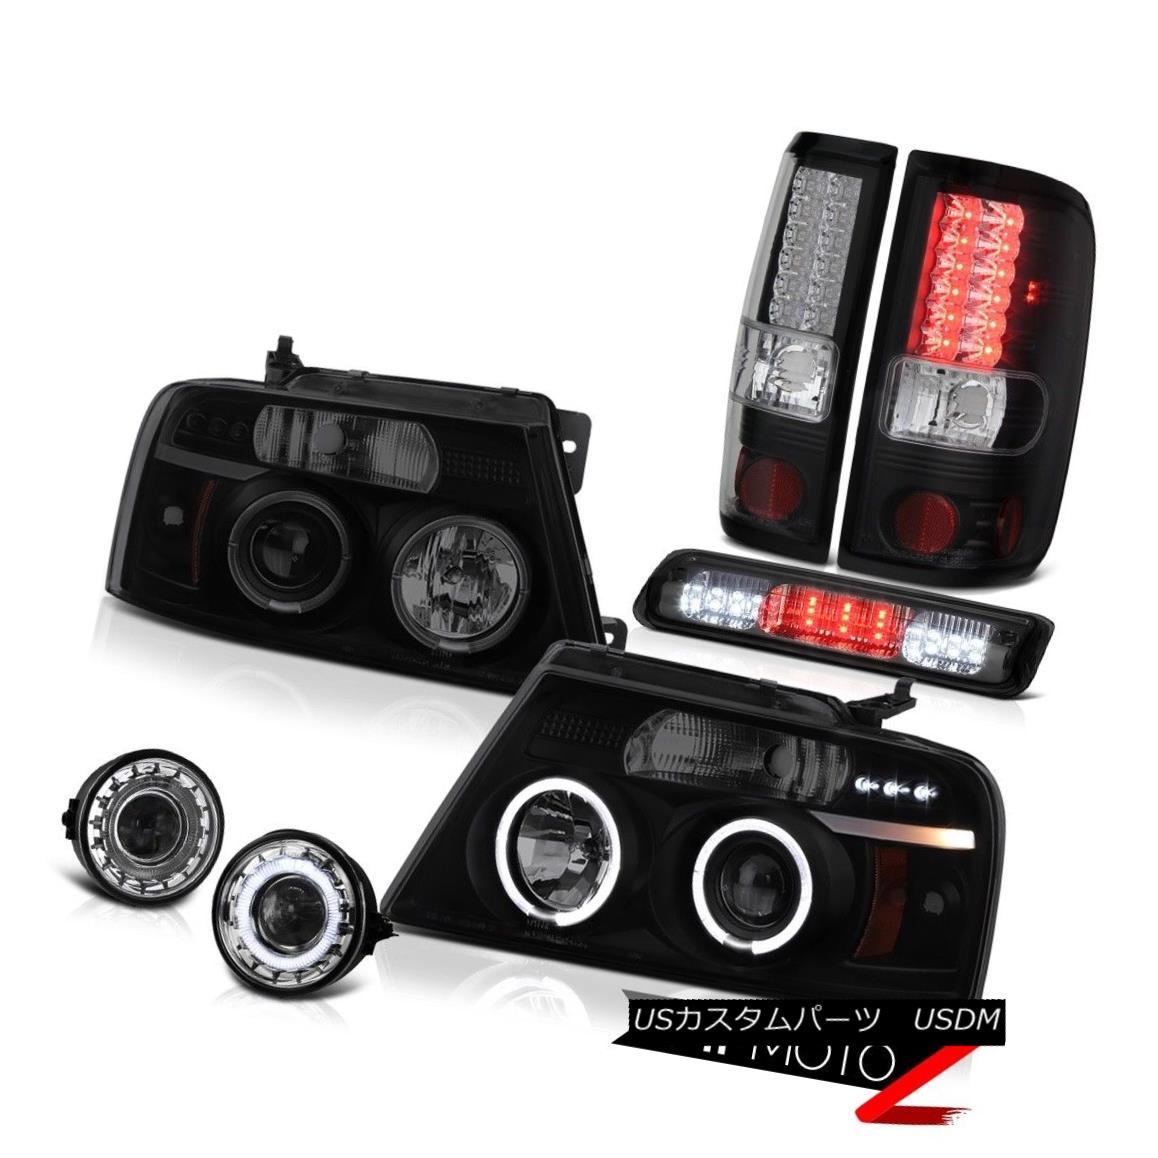 テールライト 06 07 08 Ford F150 FX4 Foglights 3rd Brake Lamp Headlamps Taillights